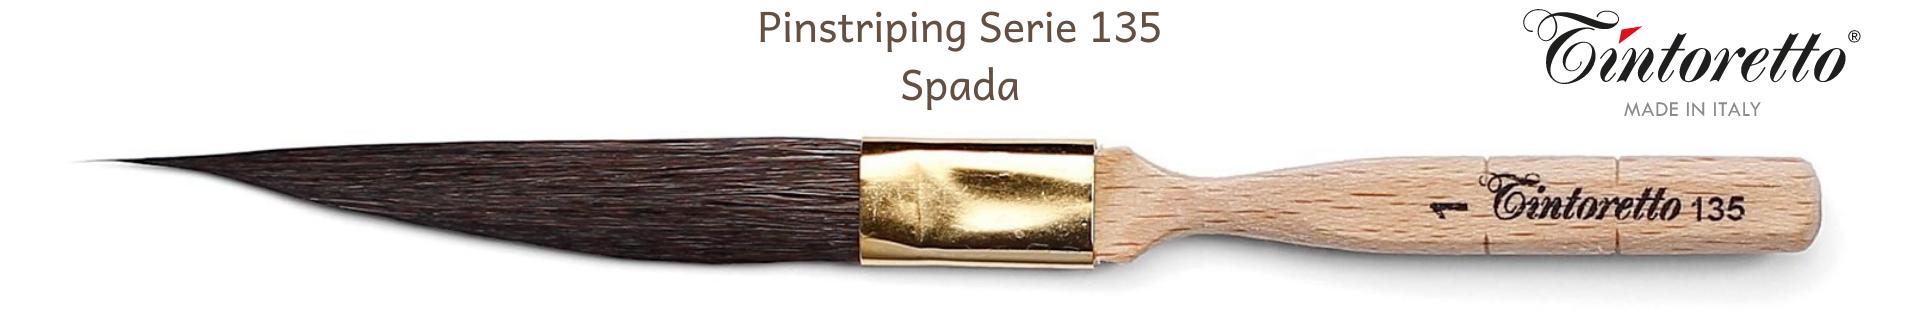 Tintoretto Serie 135